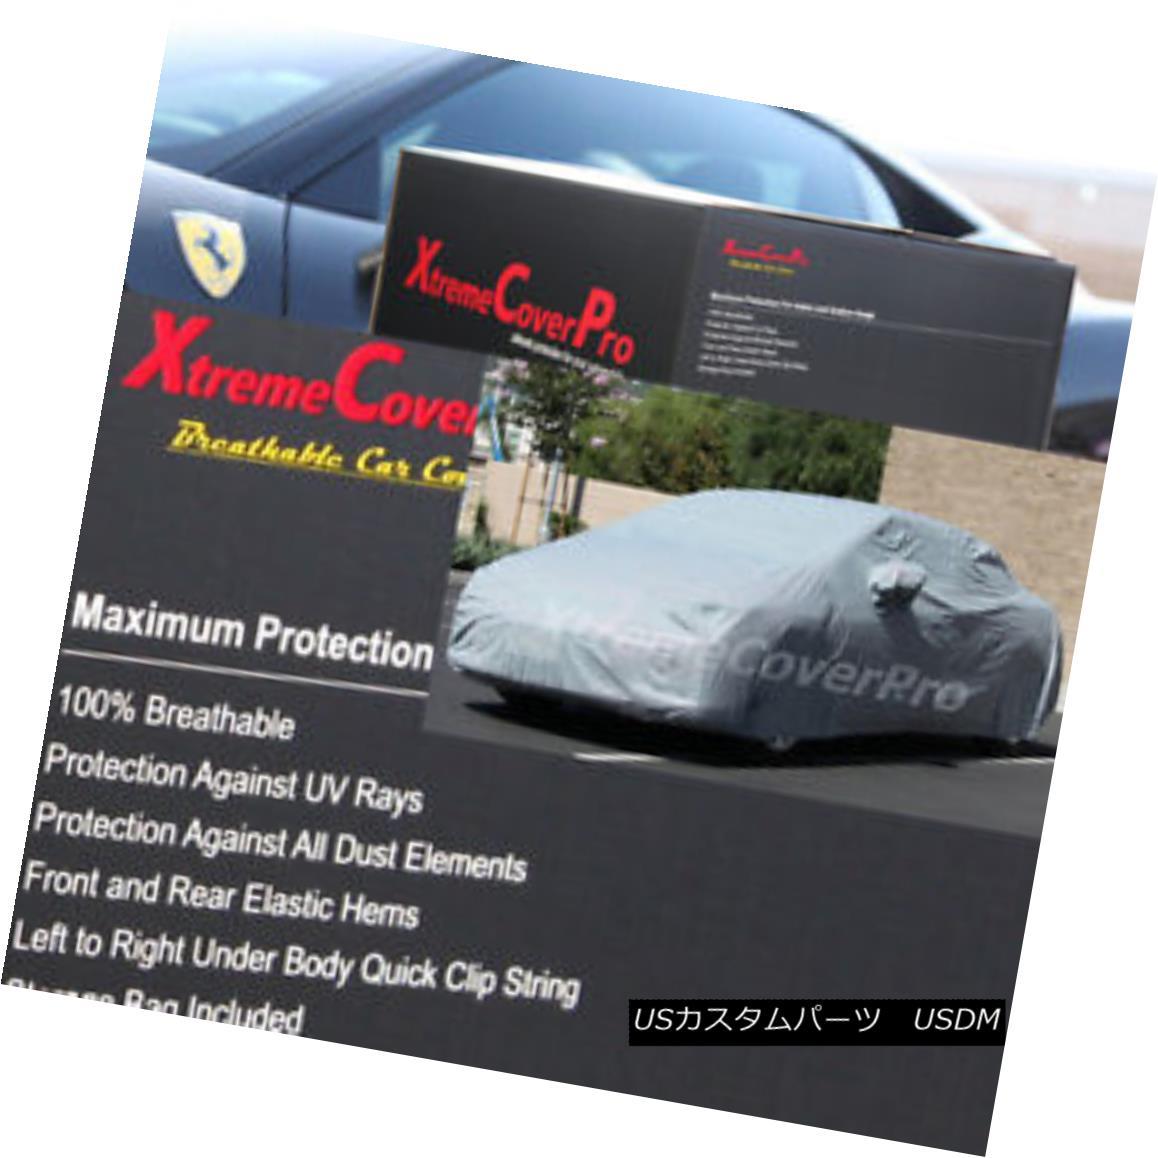 カーカバー 2015 BUICK LACROSSE Breathable Car Cover w/Mirror Pockets - Gray 2015 BUICK LACROSSE通気性のある車カバー付き/ミラーポケット - グレー